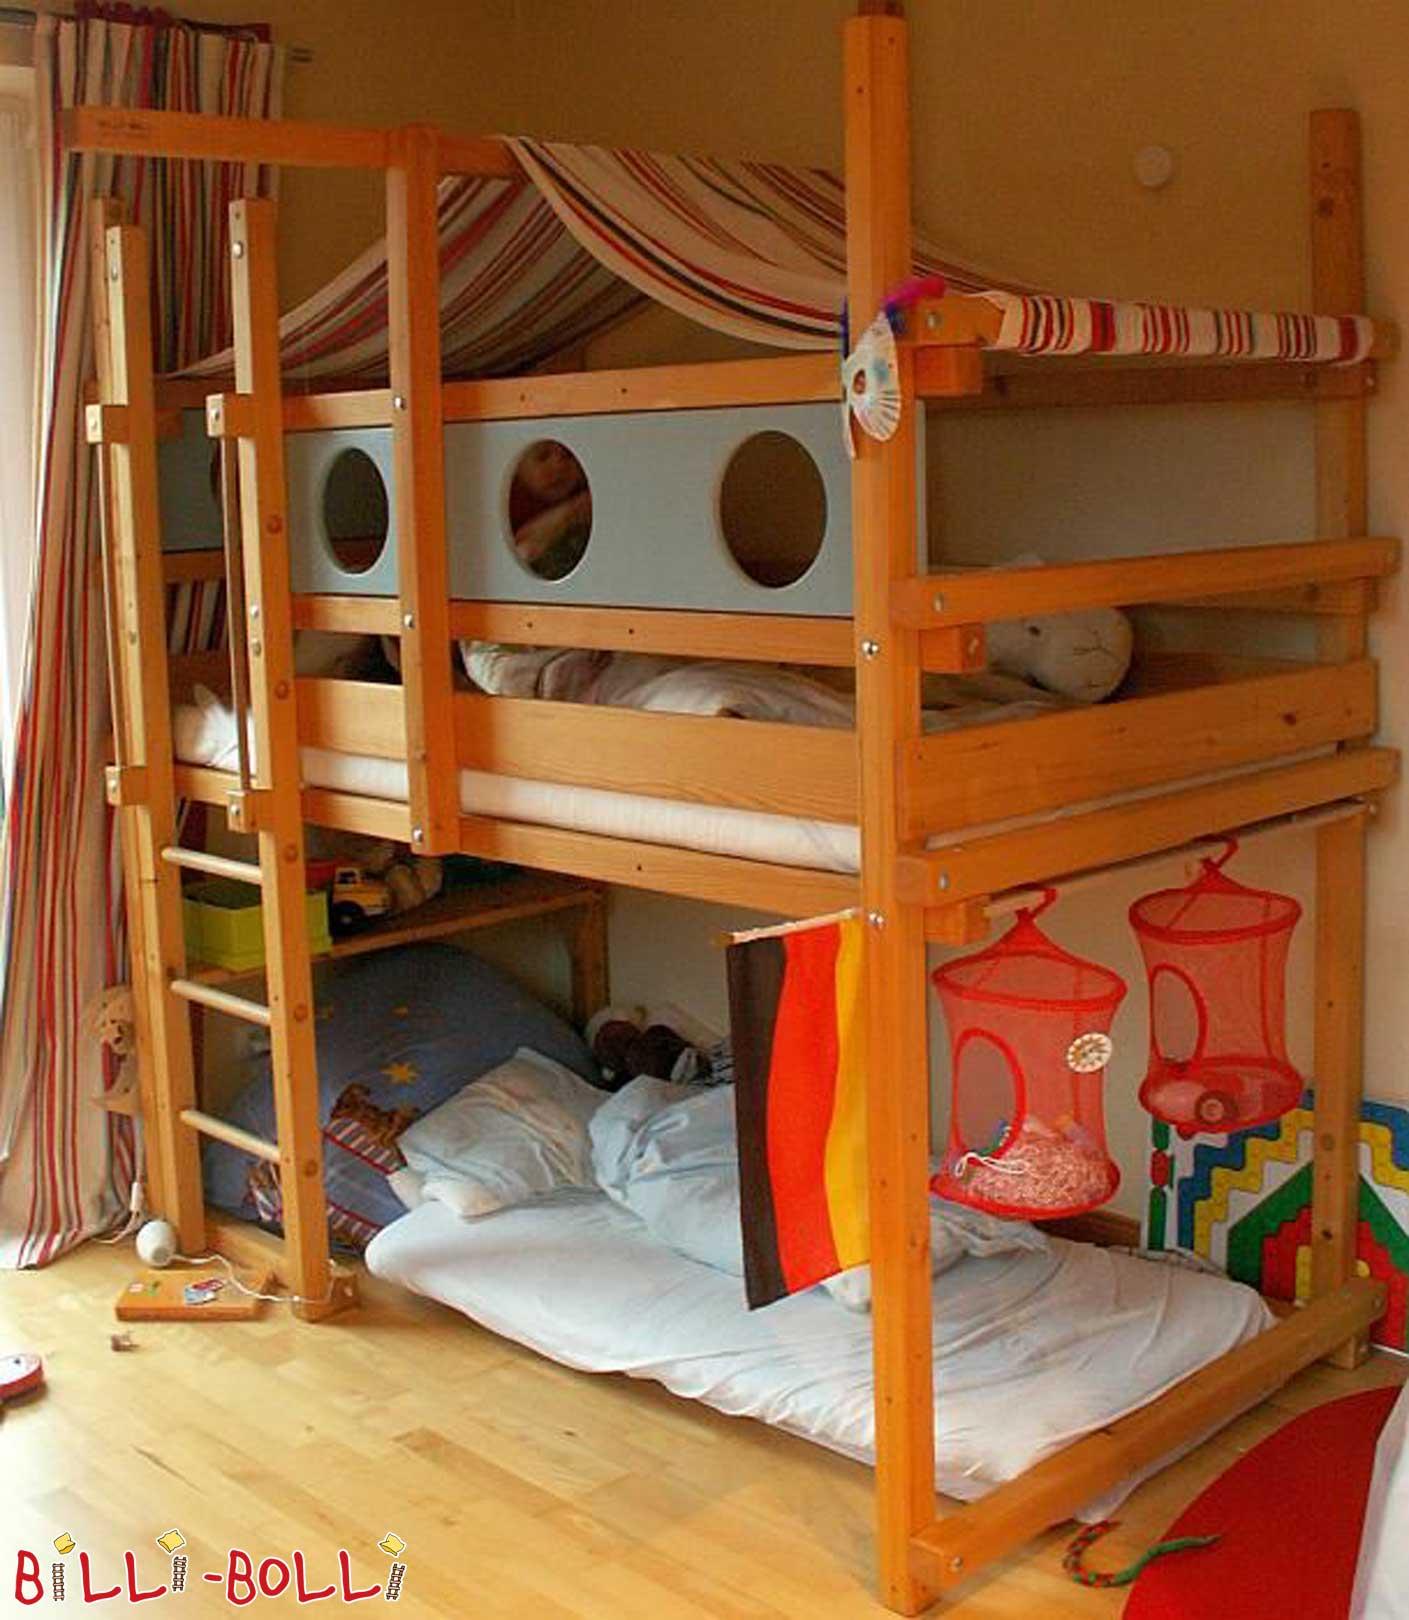 secondhand page 80 billi bolli kids furniture. Black Bedroom Furniture Sets. Home Design Ideas